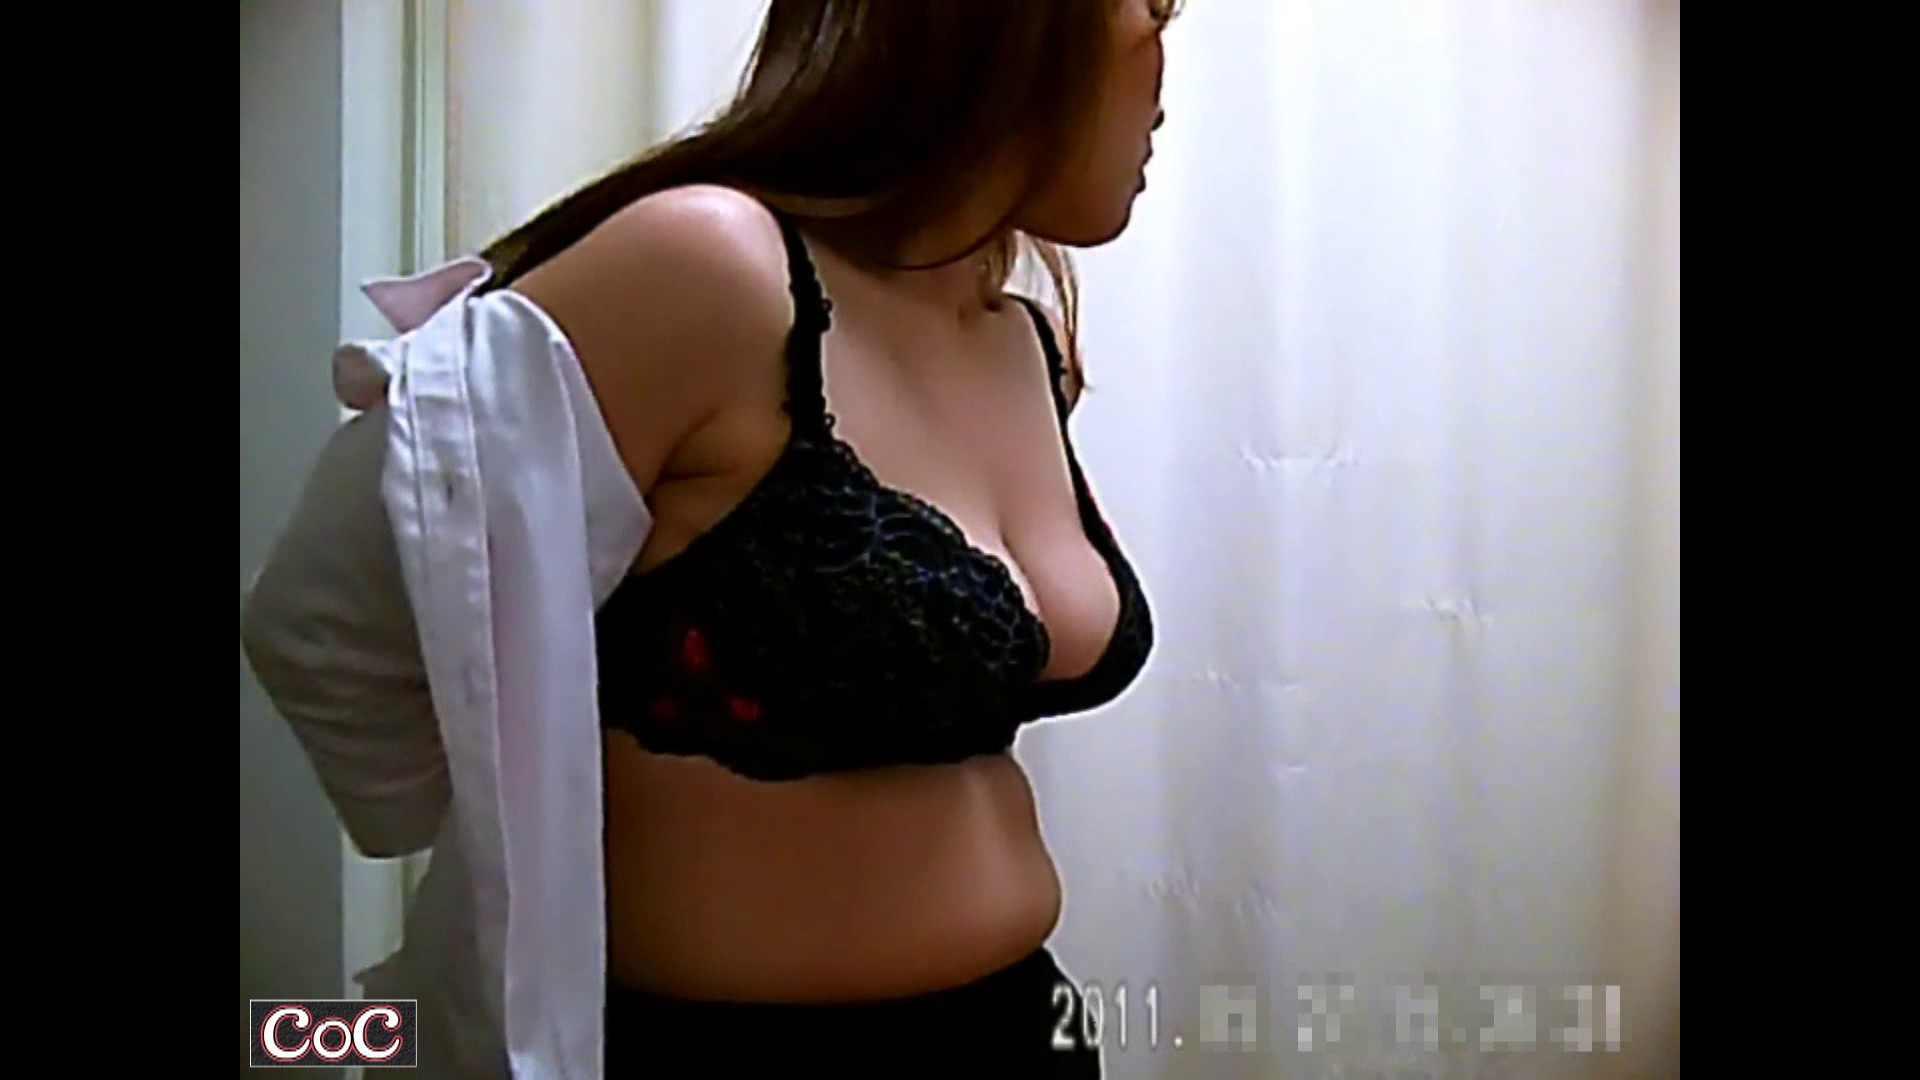 病院おもいっきり着替え! vol.143 巨乳 ワレメ動画紹介 25pic 11